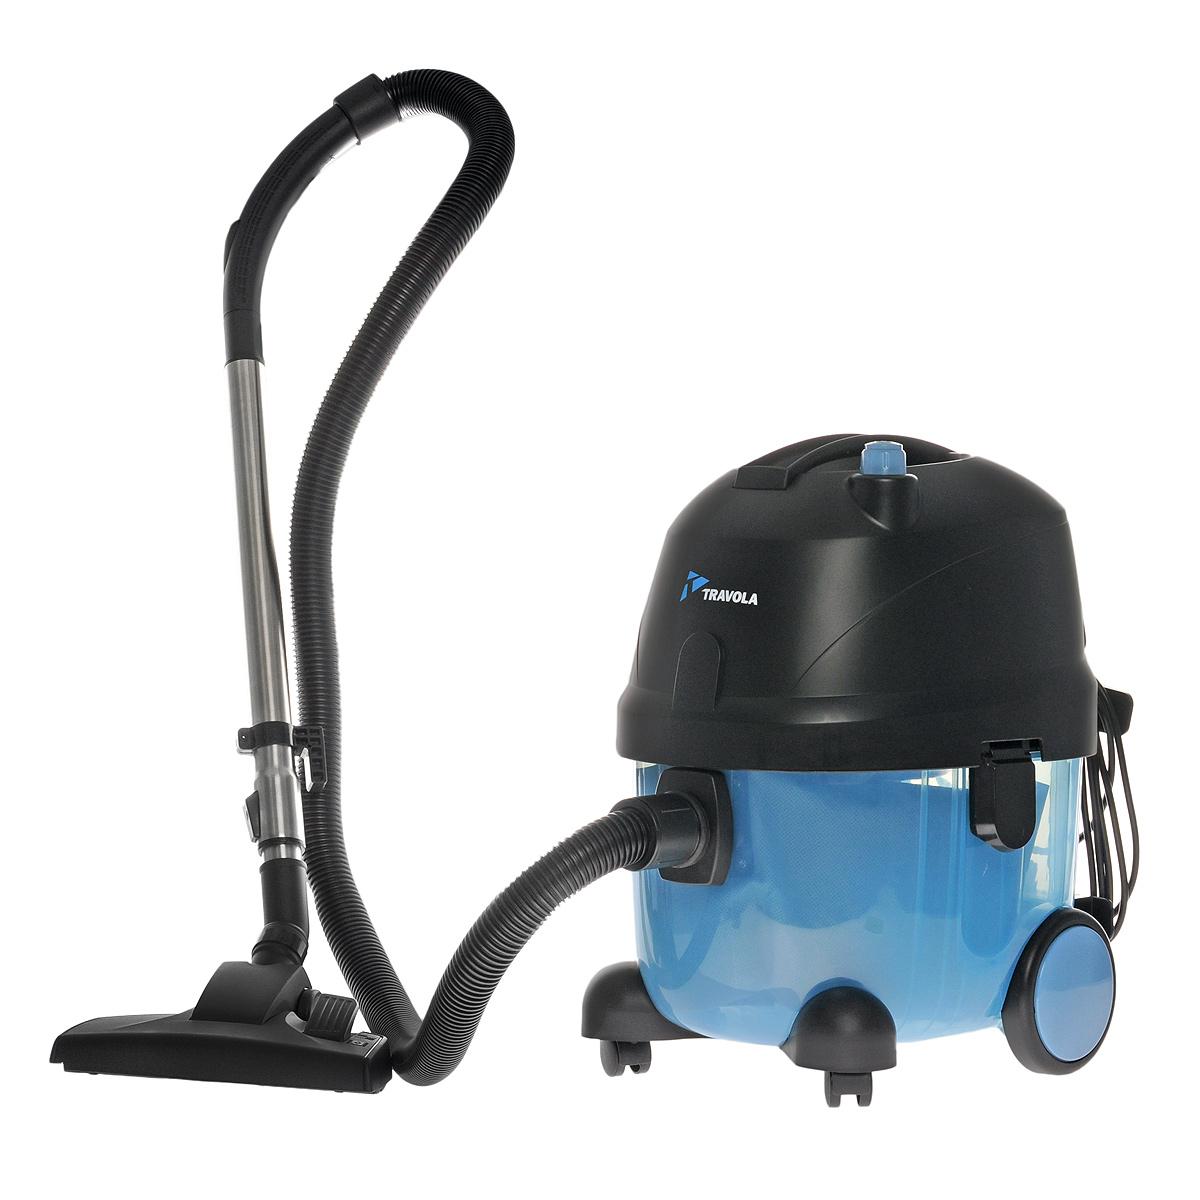 Travola VC-0606 пылесос для влажной и сухой уборки помещенийVC-0606Пылесос Travola VC-0606 предназначен для сухой и влажной уборки помещений. Он имеет высокую мощность всасывания и низкий уровень шума. Пылесос достаточно легкий, но при этом оснащен сравнительно большим пылесборником. Комплект насадок позволит осуществлять полноценную уборку помещений, включая узкие пространства и обивку мебели.